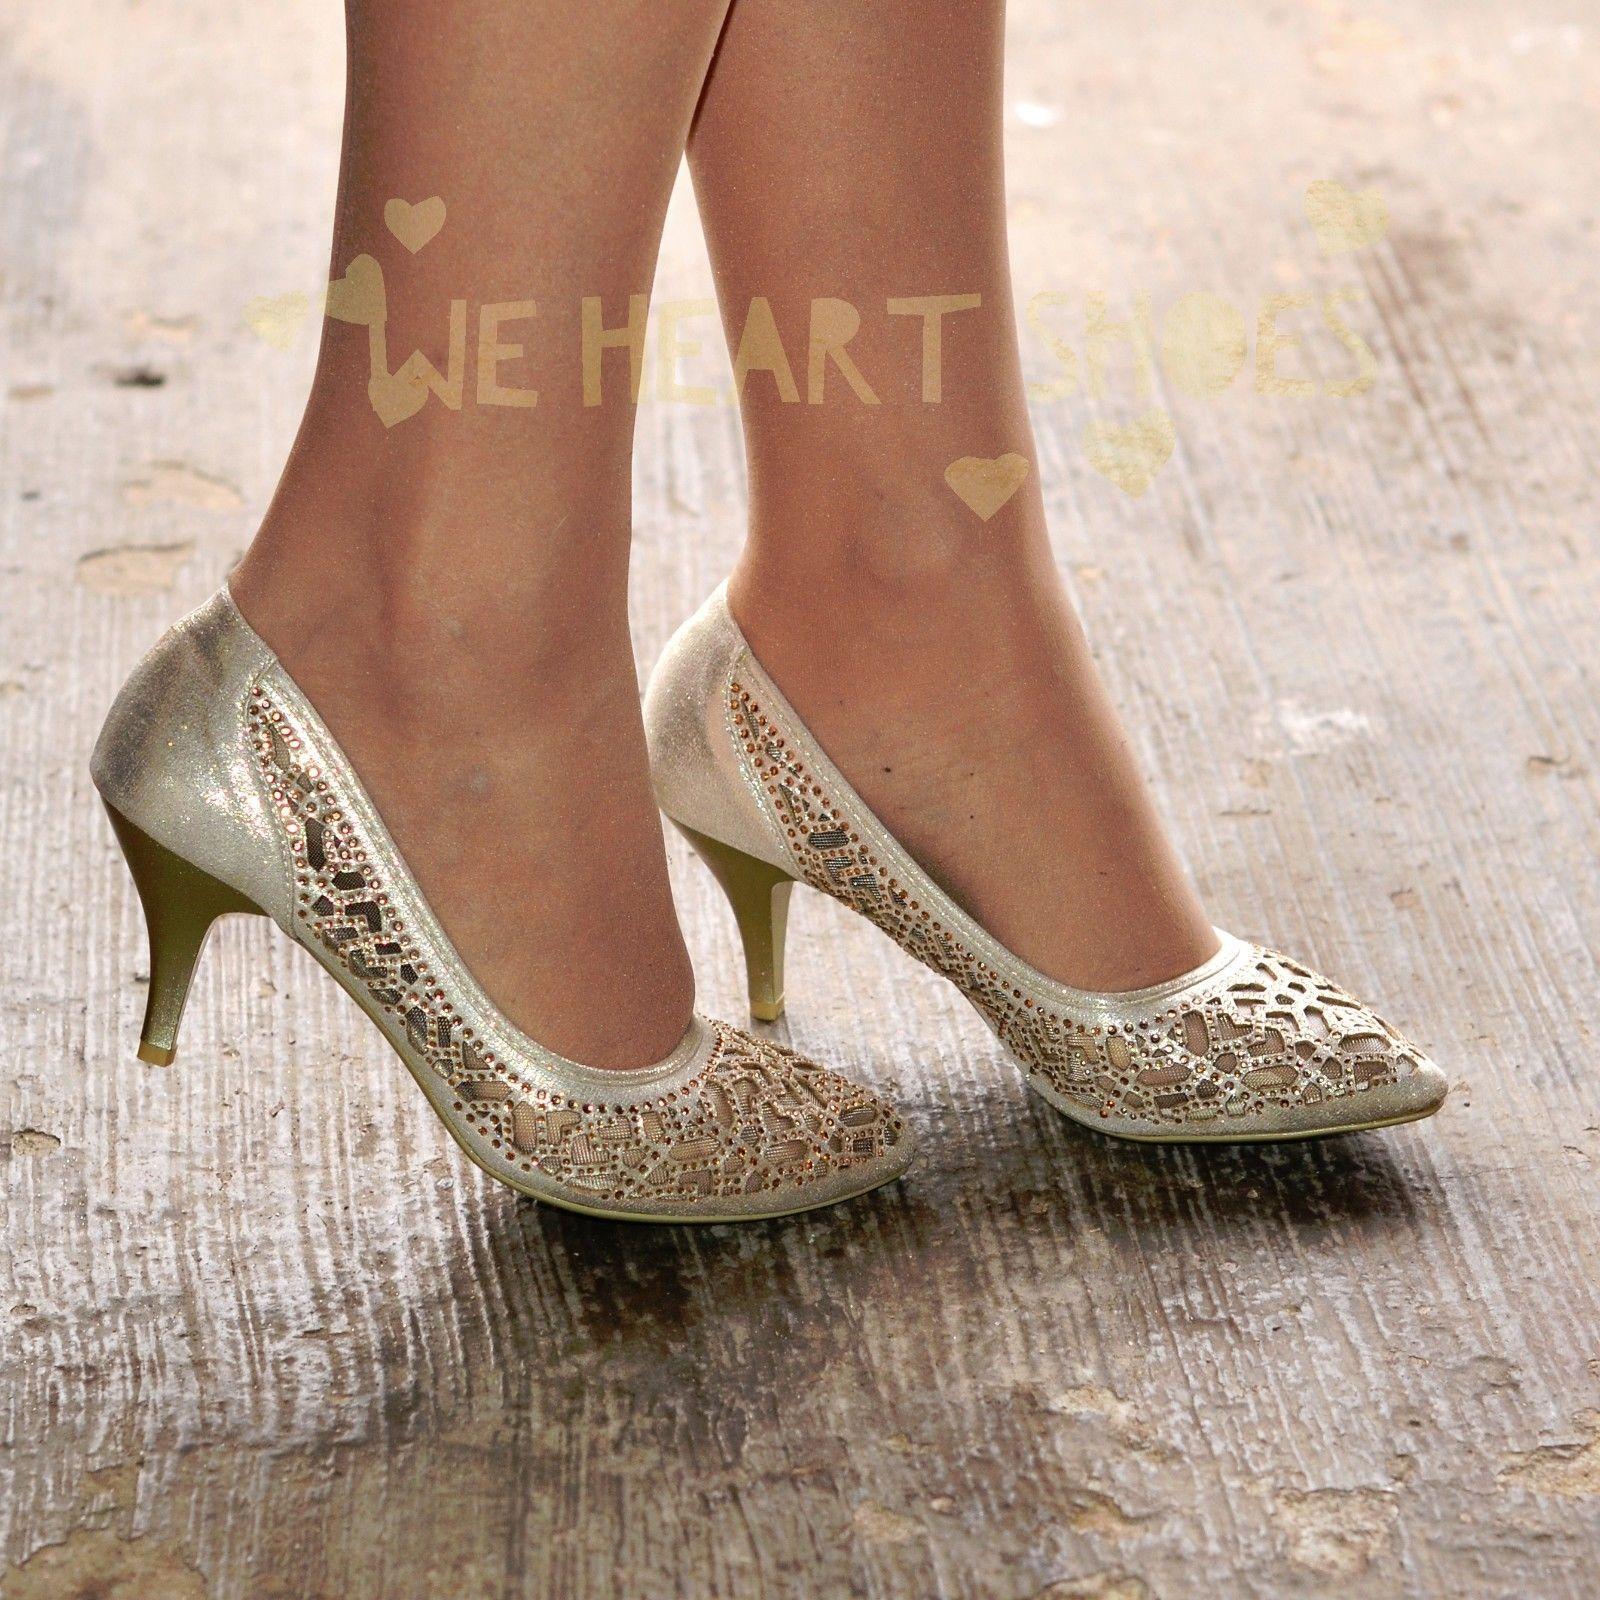 Stříbrné plesové střevíčky, sandálky - Obrázek č. 3